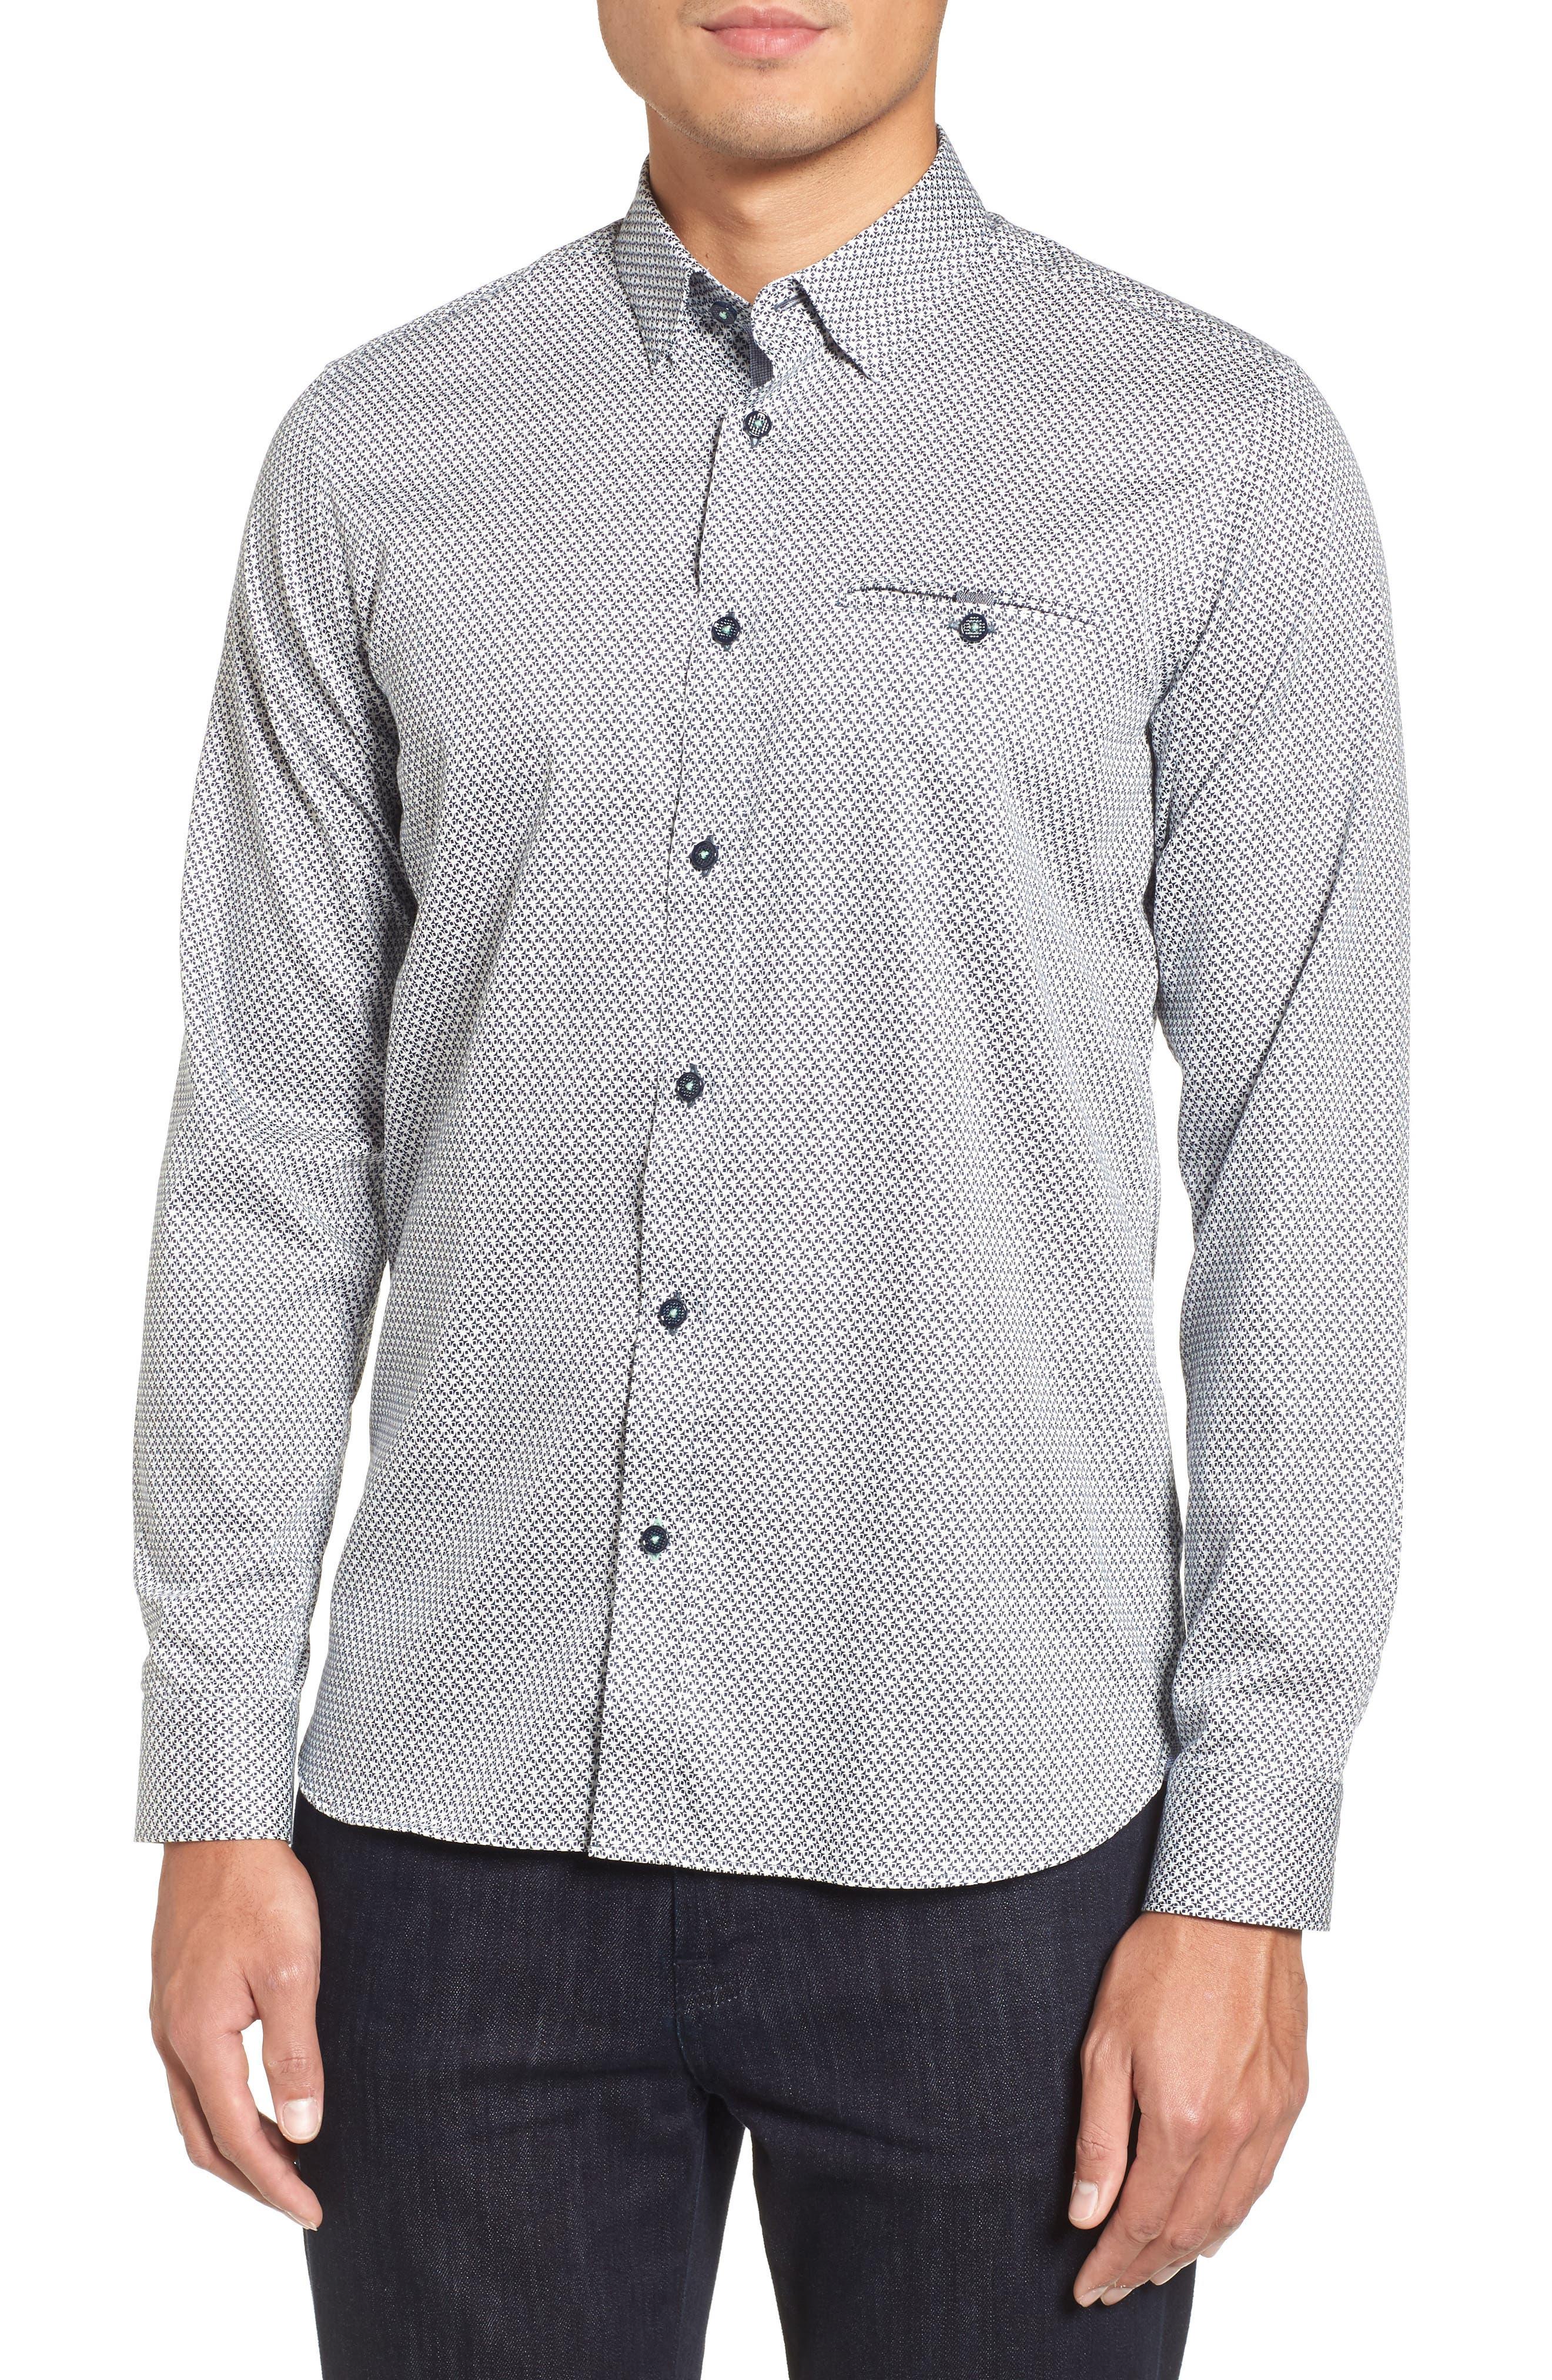 Vilamor Extra Slim Fit Print Sport Shirt,                             Main thumbnail 1, color,                             402